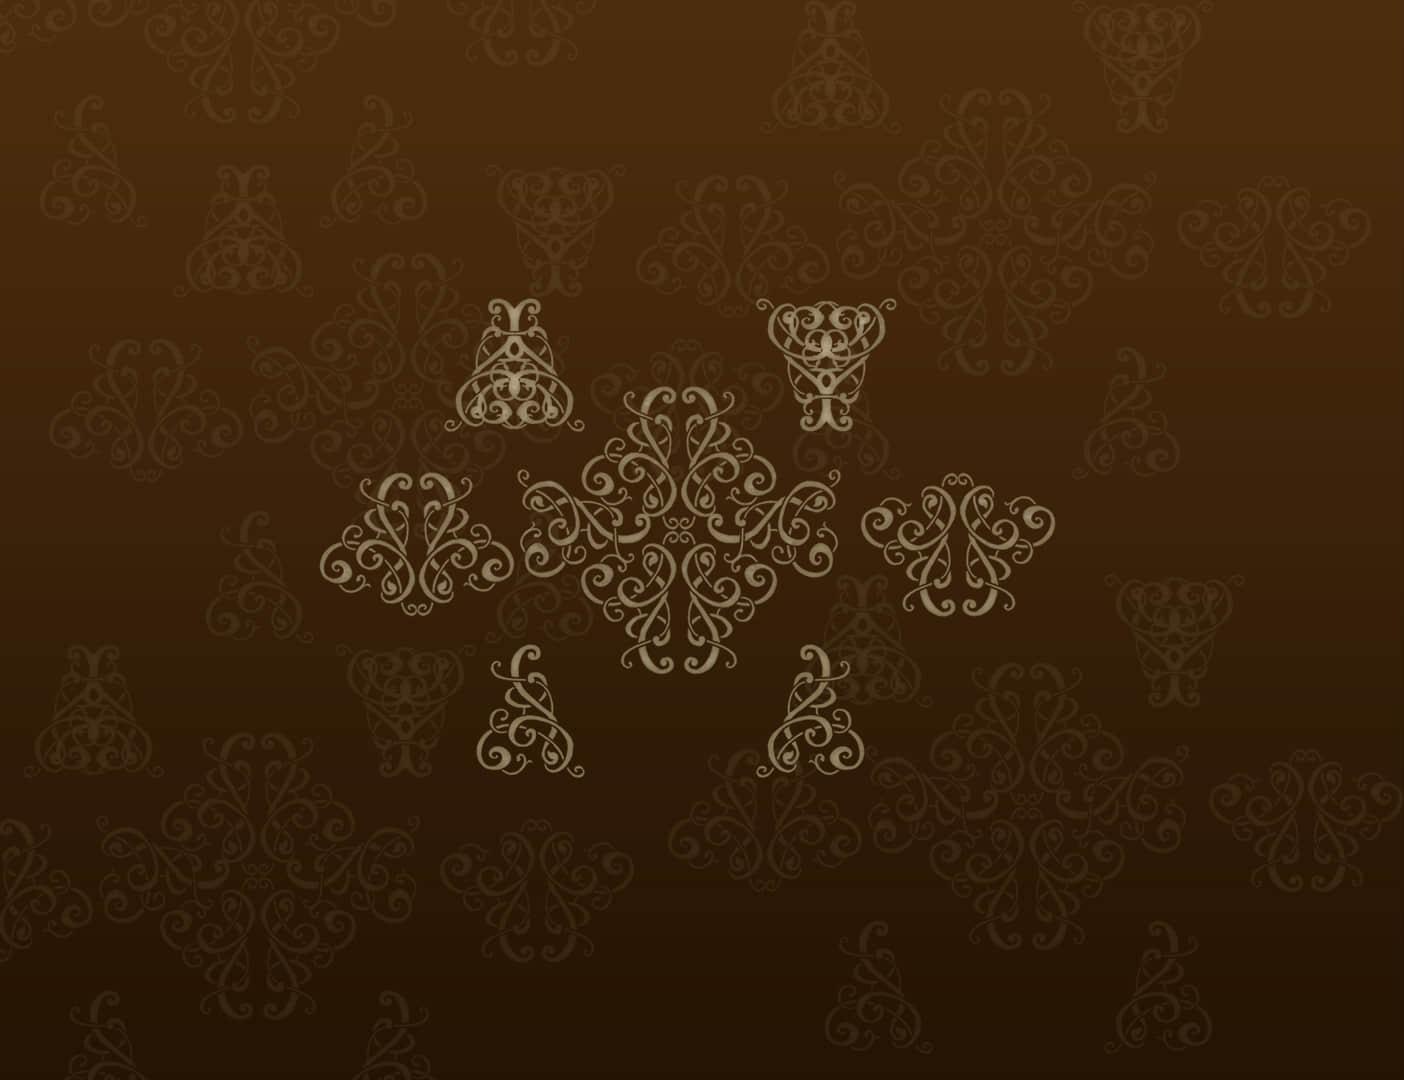 漂亮高贵的艺术植物花纹图案PS笔刷下载 贵族花纹笔刷 植物花纹笔刷  adornment brushes flowers brushes